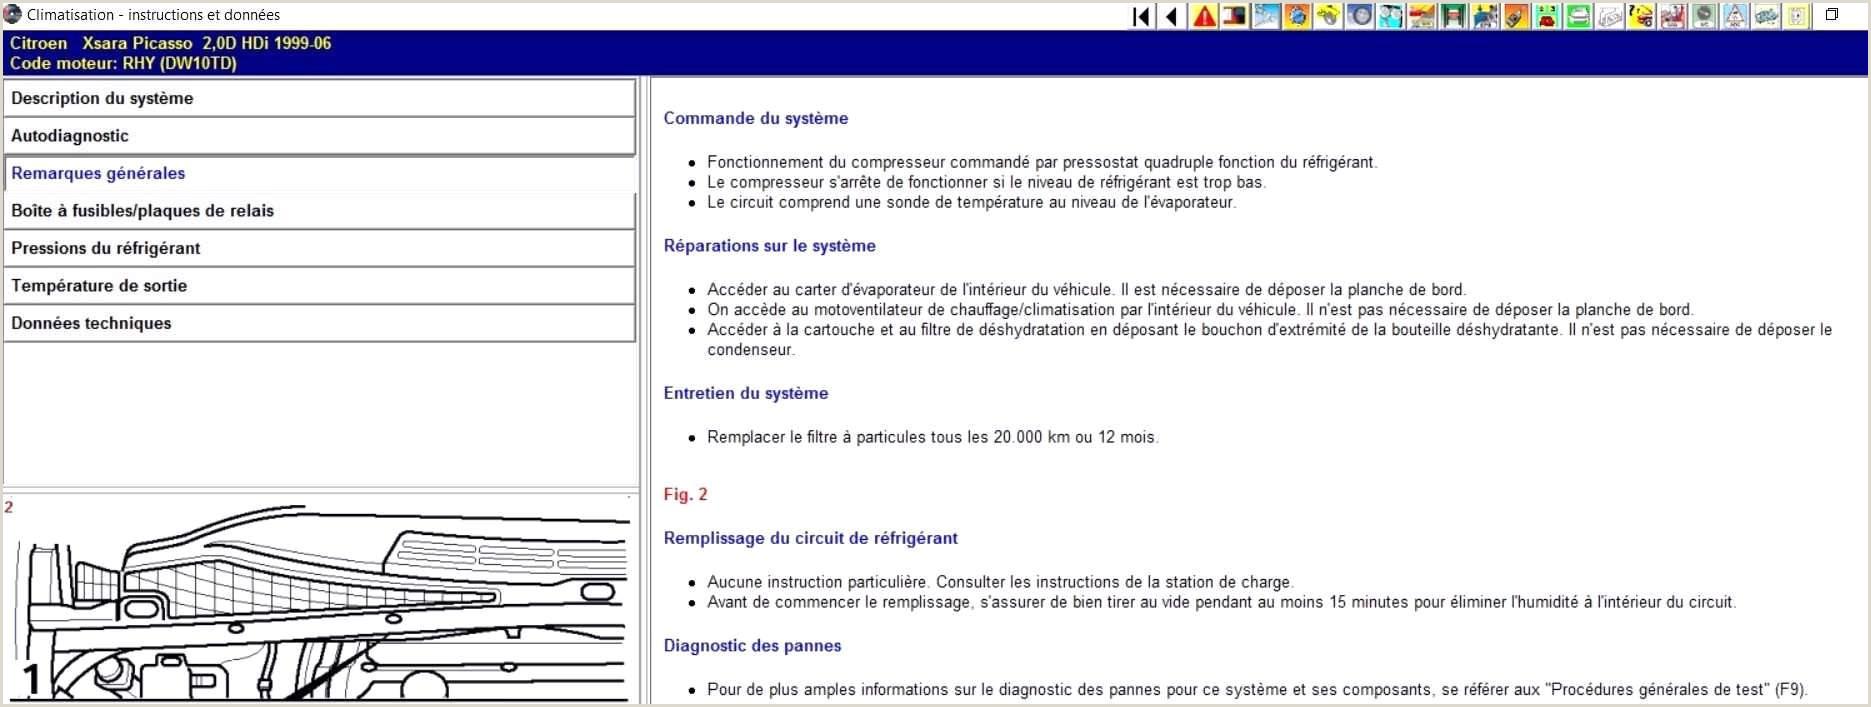 Exemple De Cv De Stage Pdf Cv Et Lettre De Motivation Pour Stage Gratuit Exemple De Cv